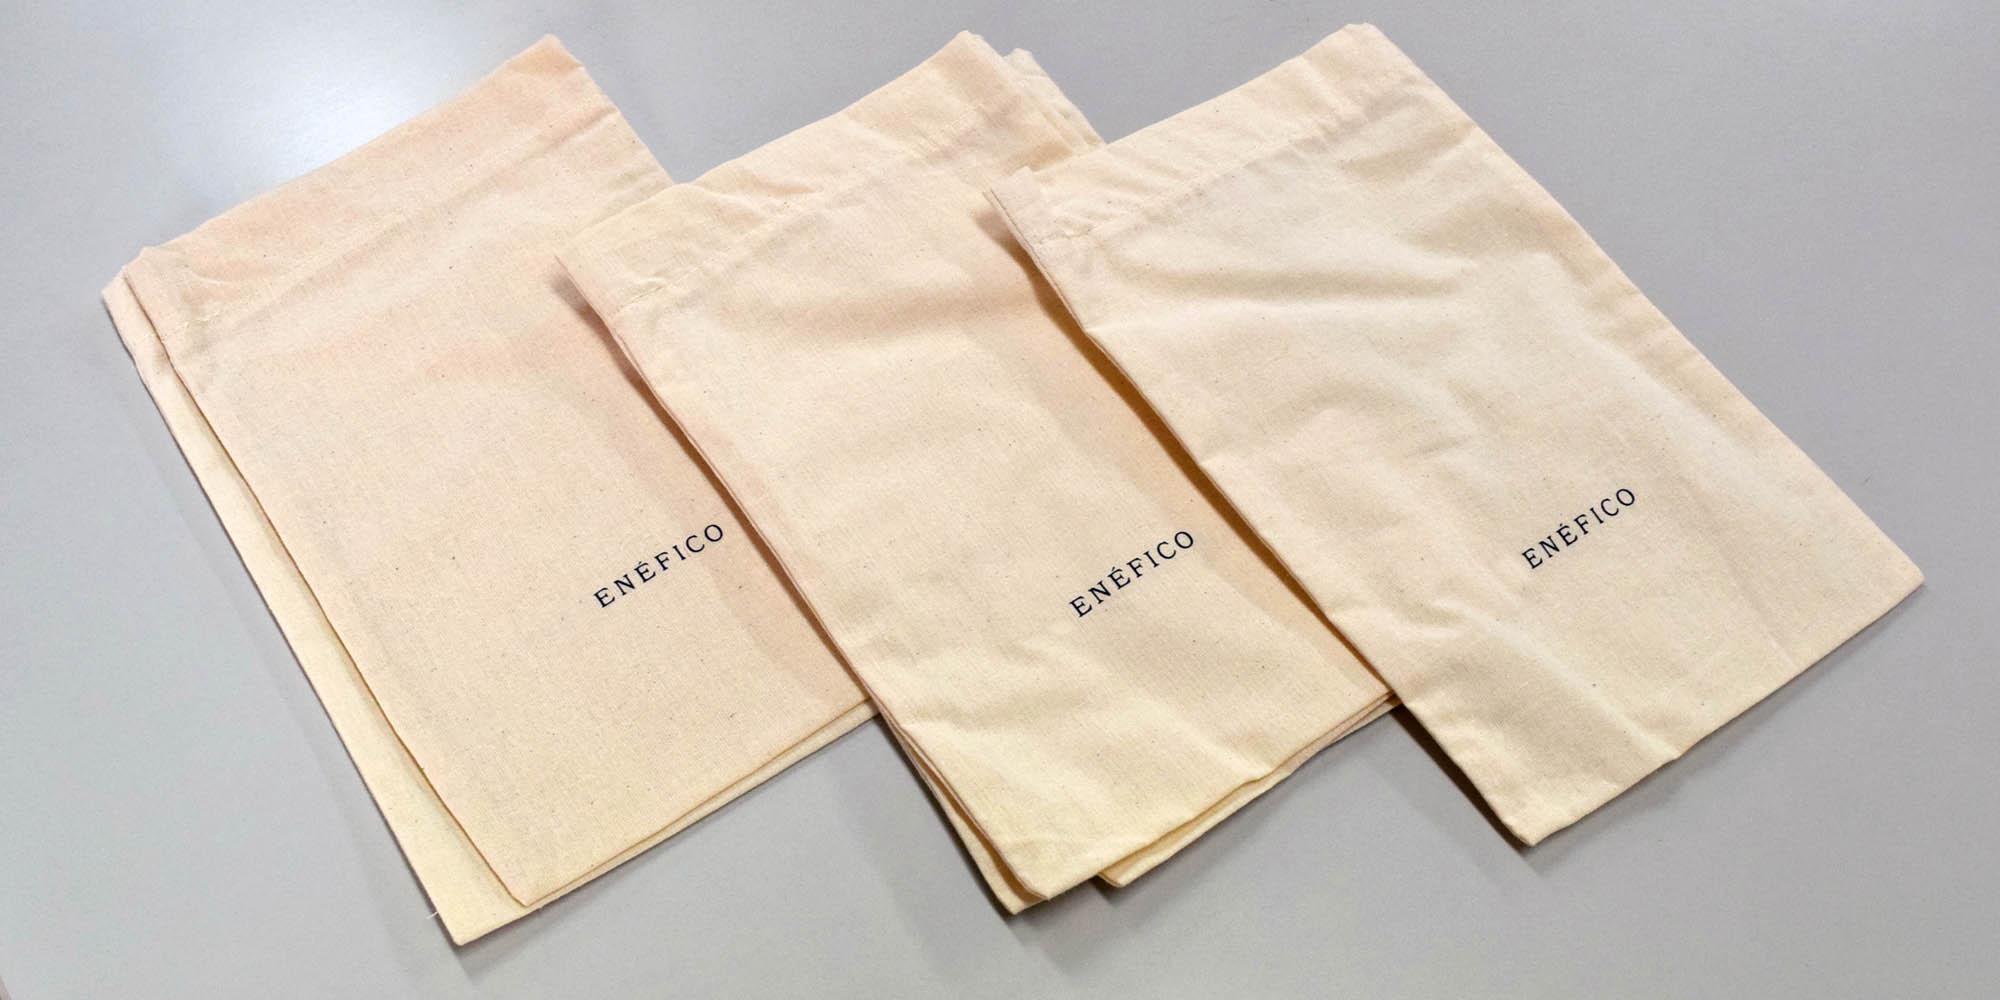 革製品販売持ち帰り用の、生成り帆布(コットン)を用いた平袋(2サイズ)